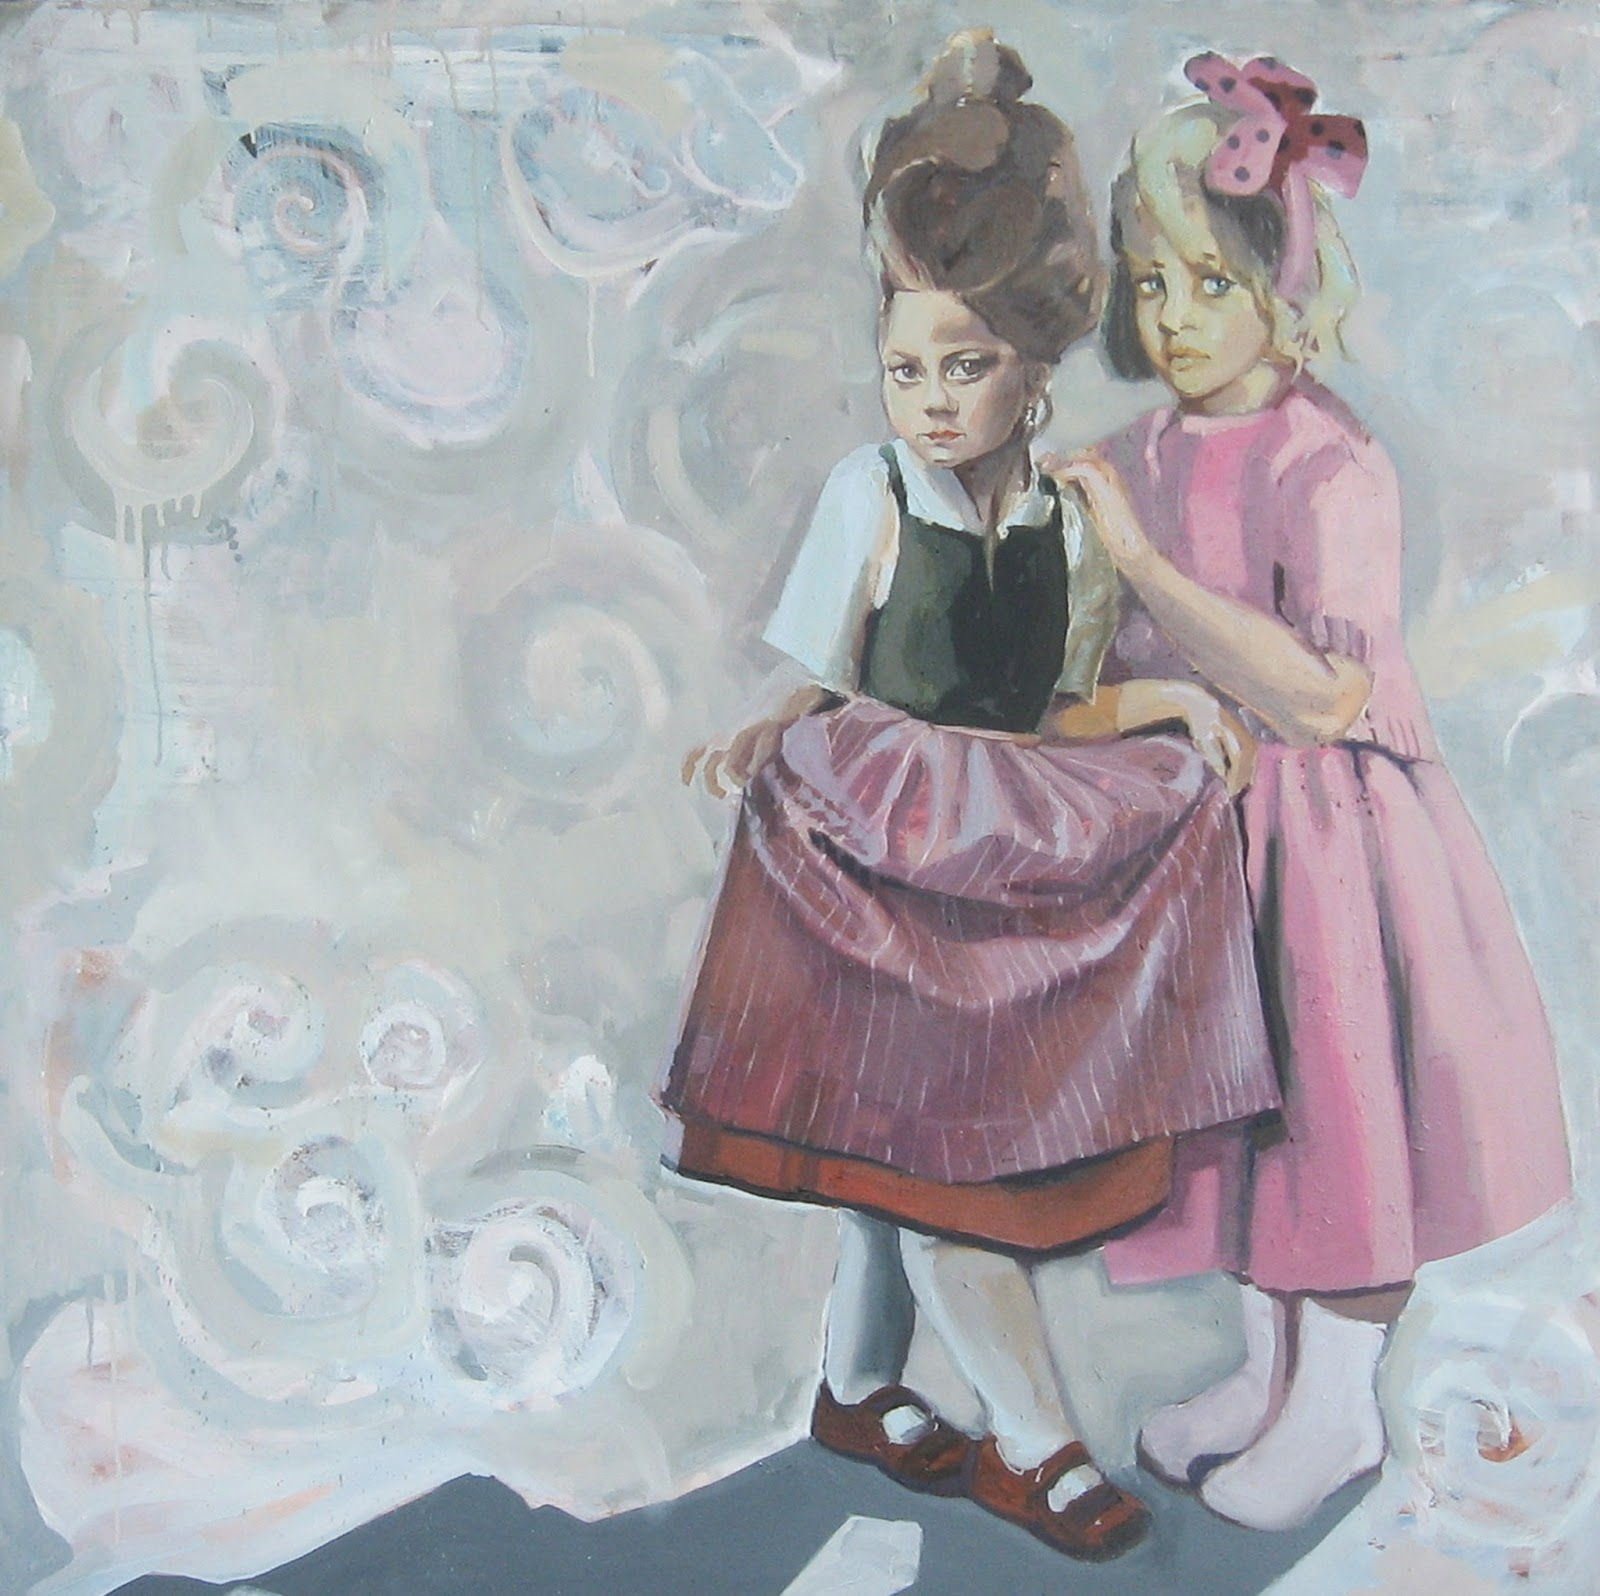 malarstwo ludzie tematyka społeczna dzieci dziewczynki małe aukcja sztuki młodych Warszawa polswiss Urbaniak